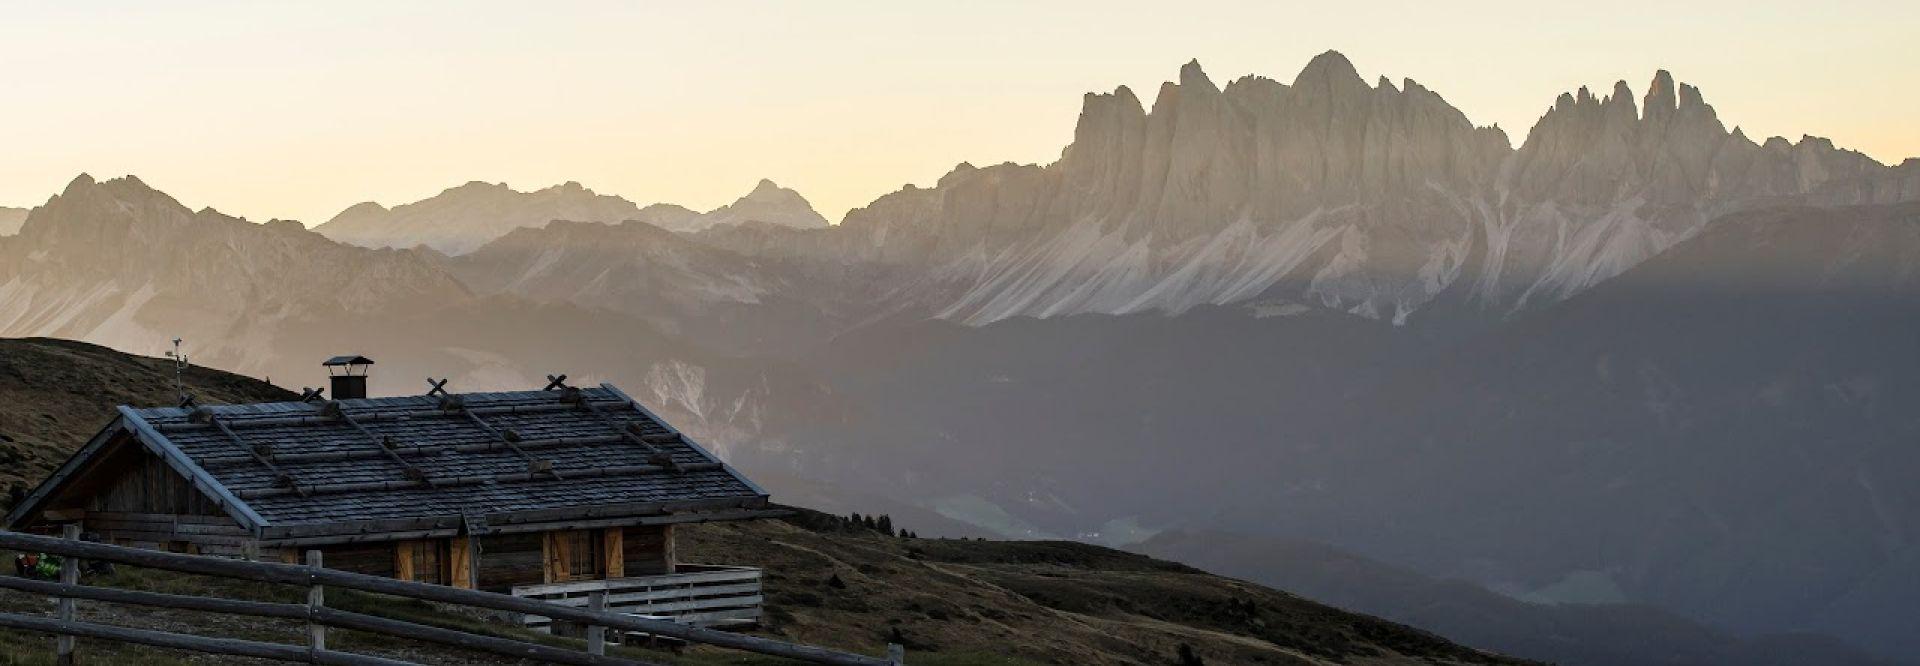 Almhütte bei Sonnenaufgang (Tourismusverein Klausen)